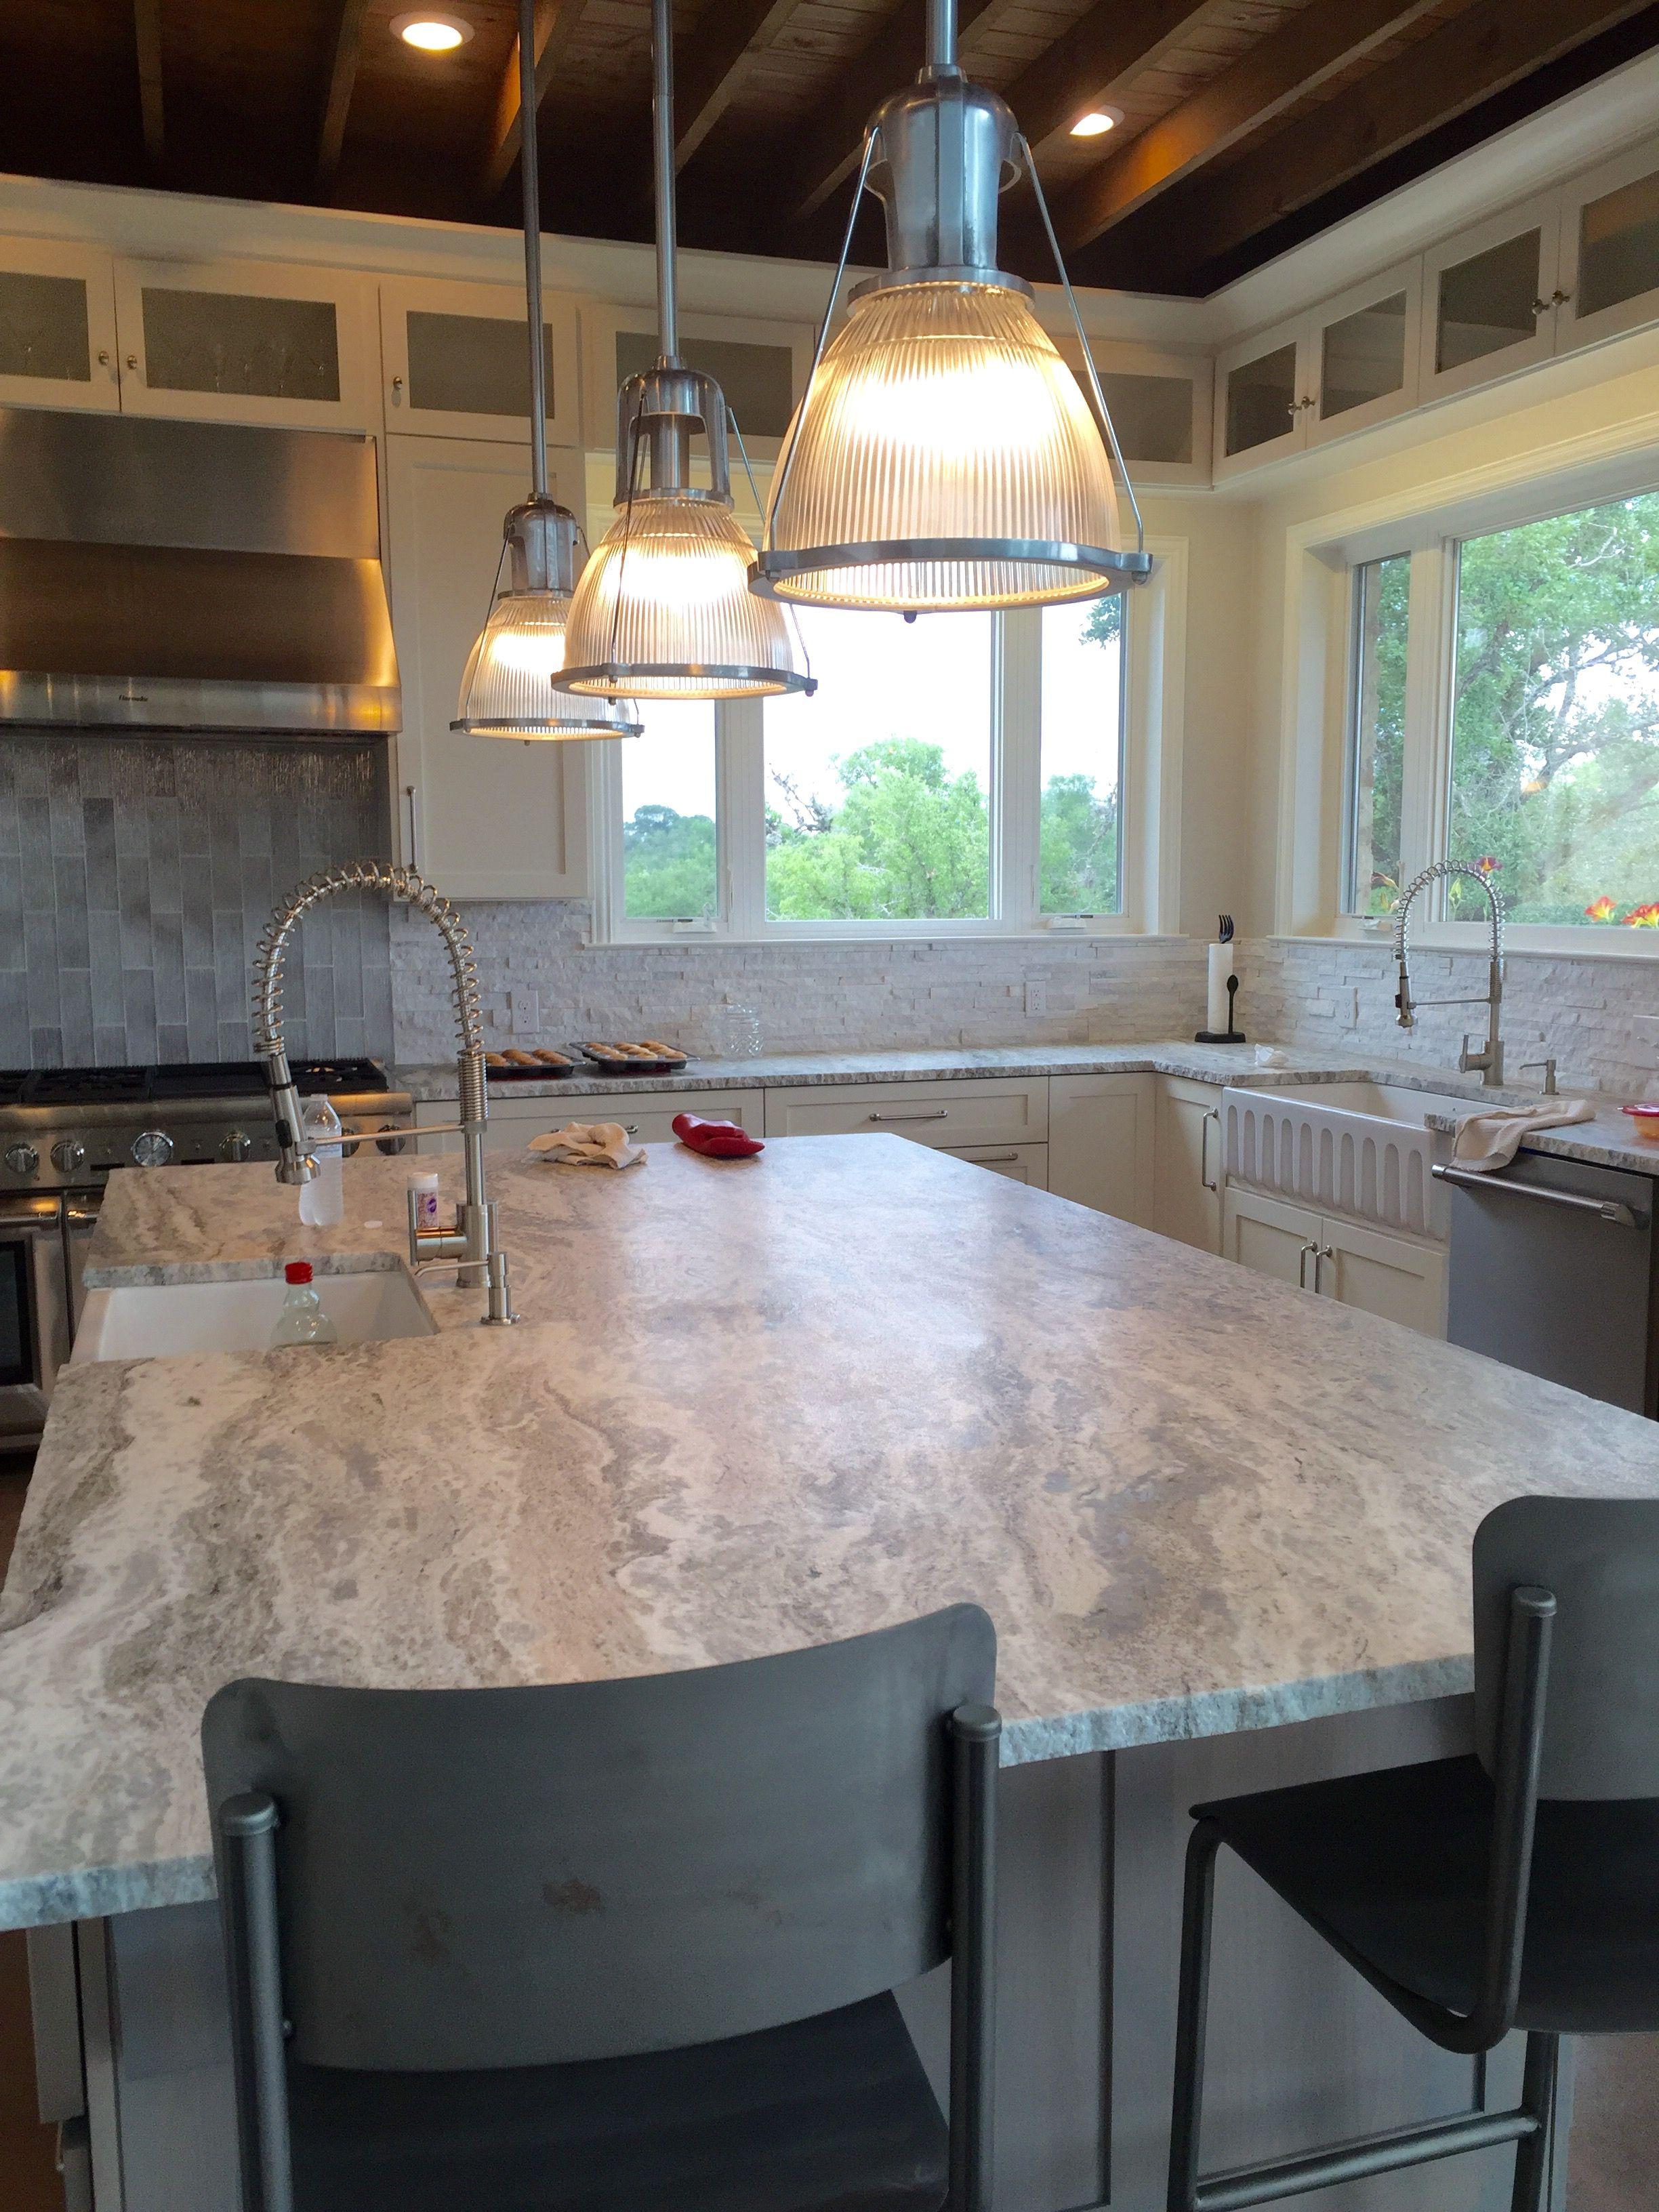 We used fantasy brown granite Granite countertops